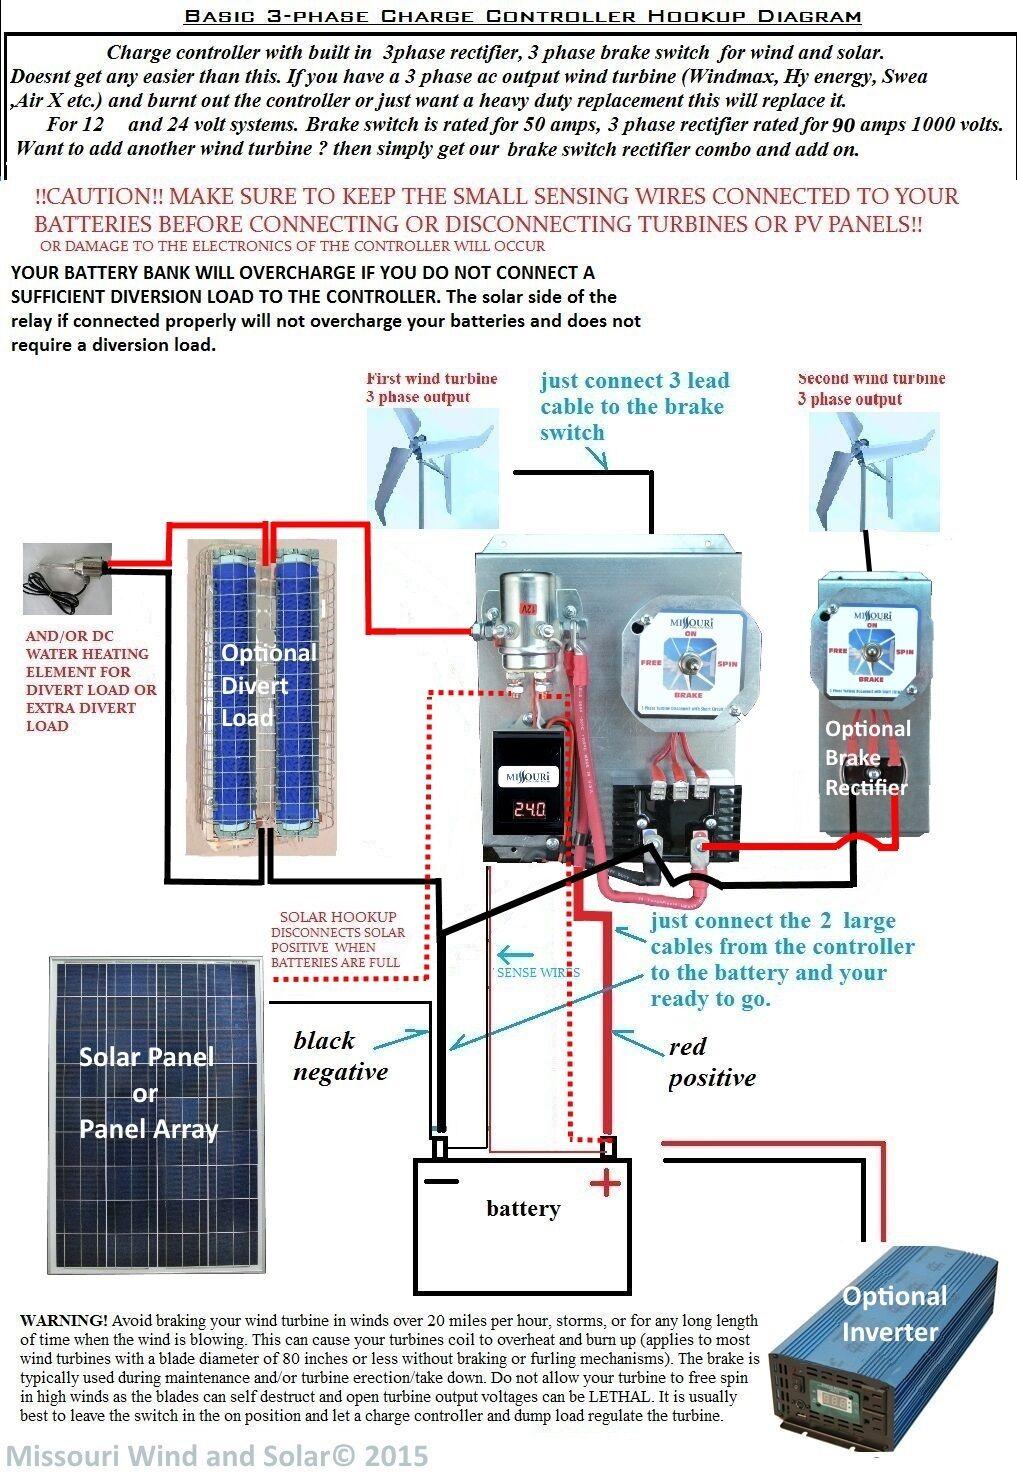 centurion 3000 power converter wiring diagram centurion